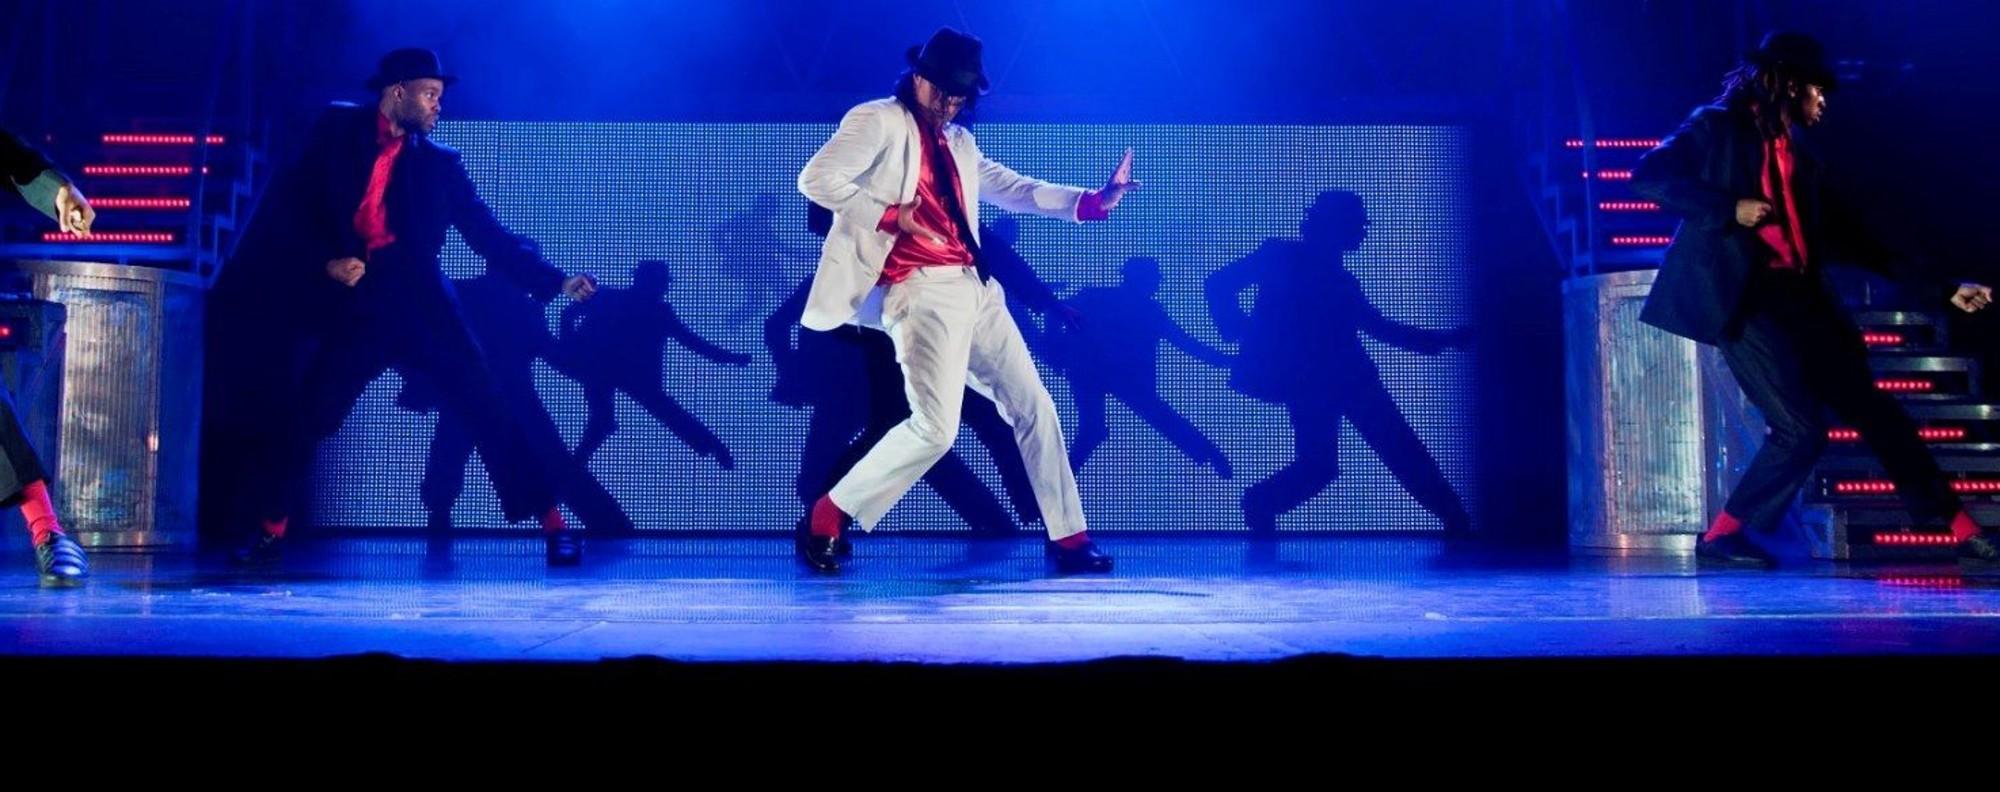 Thriller Live 2017 in Macau. File photo